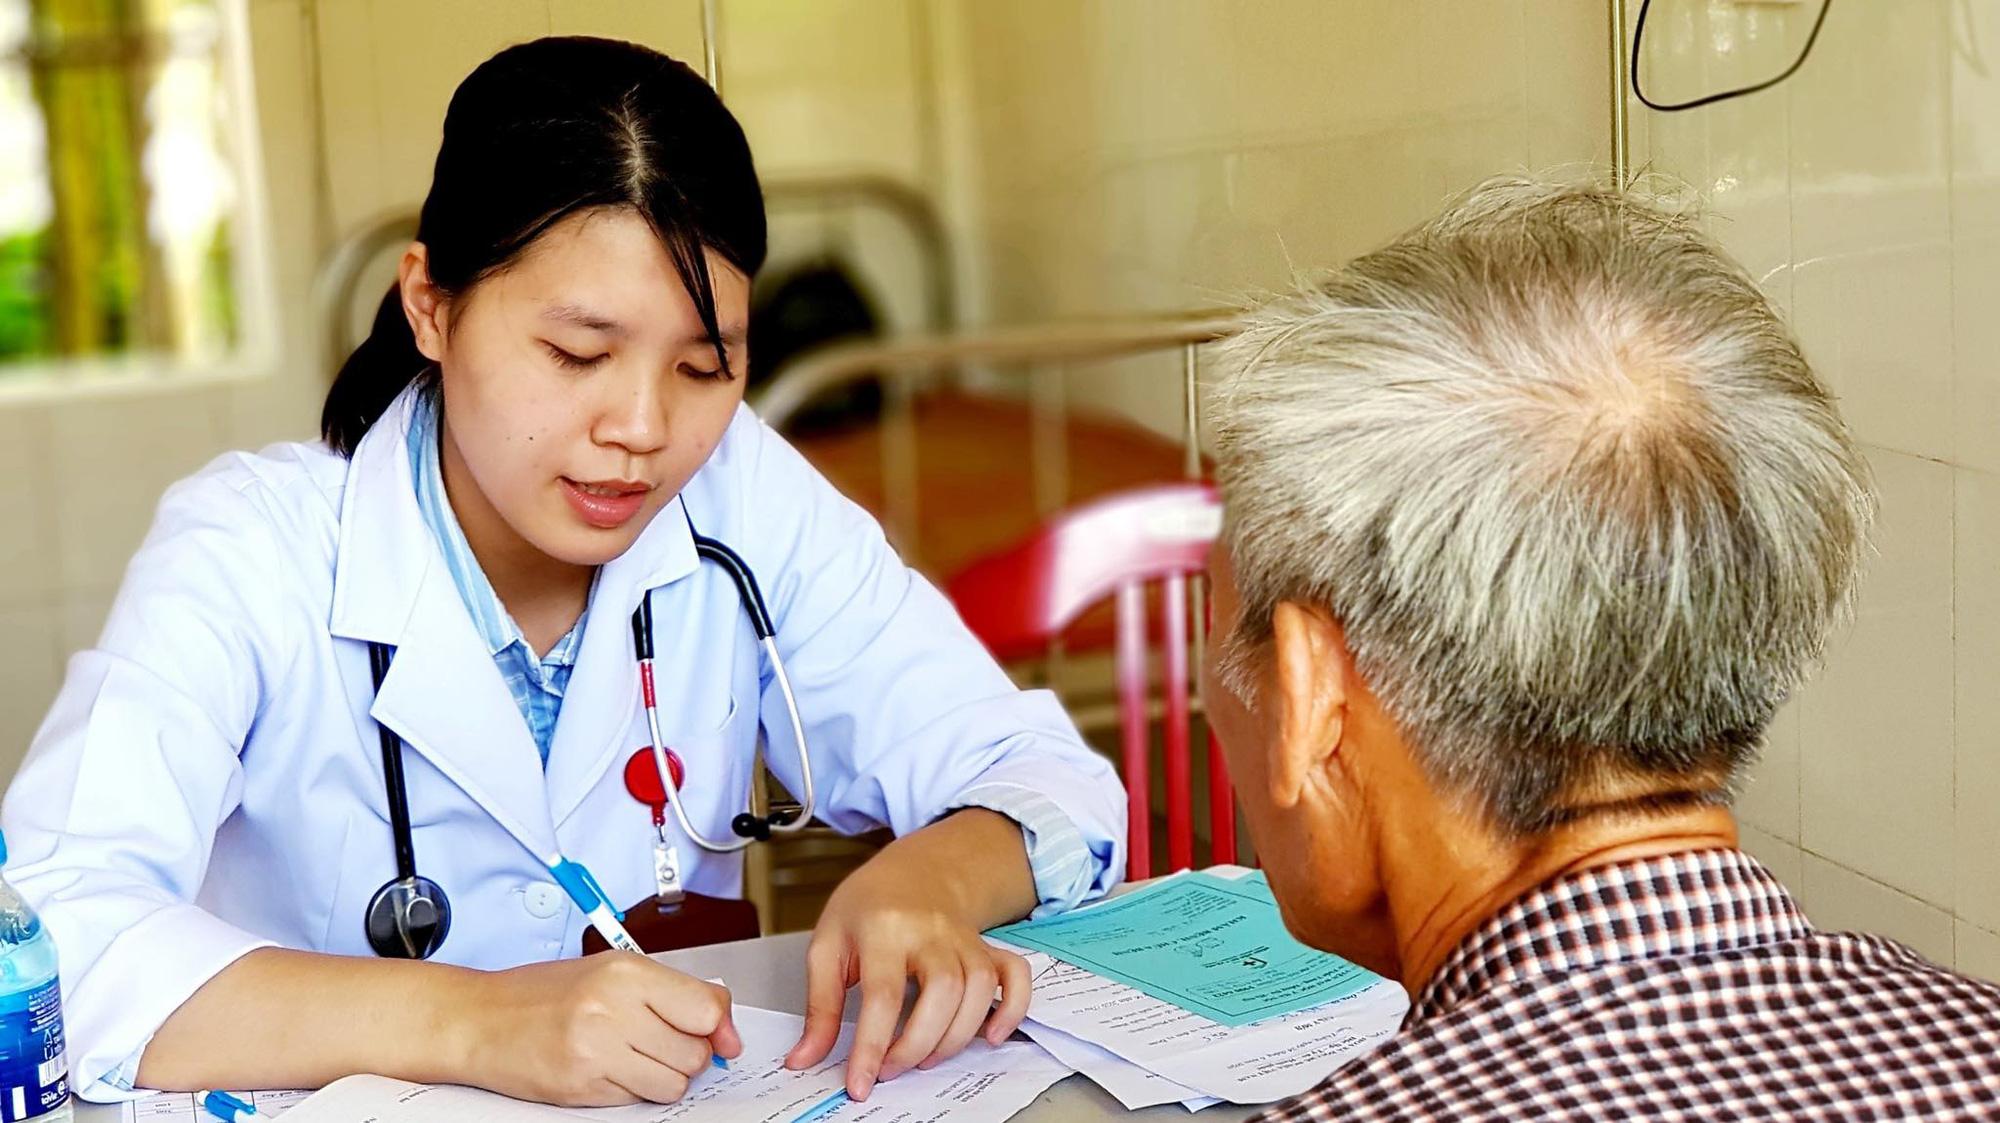 Cần tăng mức đóng bảo hiểm y tế để giảm tiền túi của người dân - Ảnh 2.